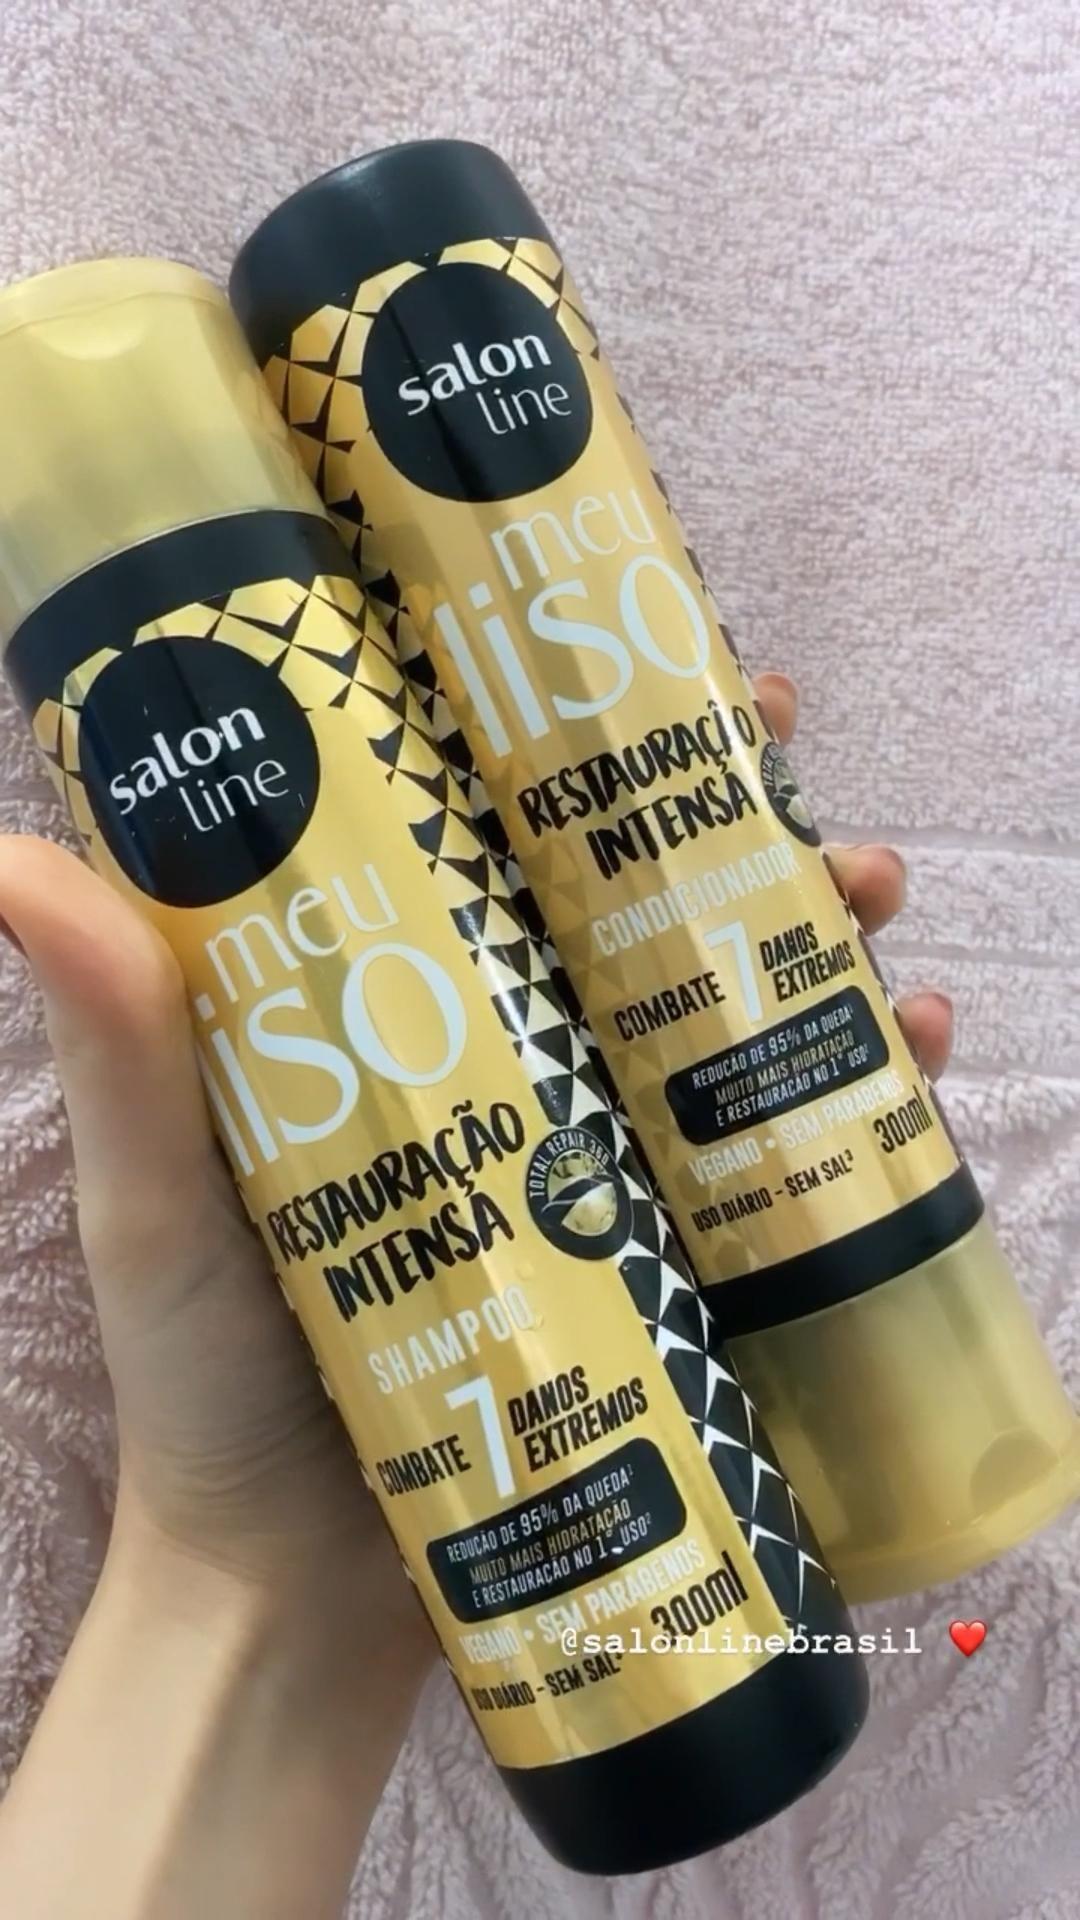 @salonlinebrasil ❤️ #salonline #resenha #cosmeticos #cabelos #spaday #cuidadoscomocabelo